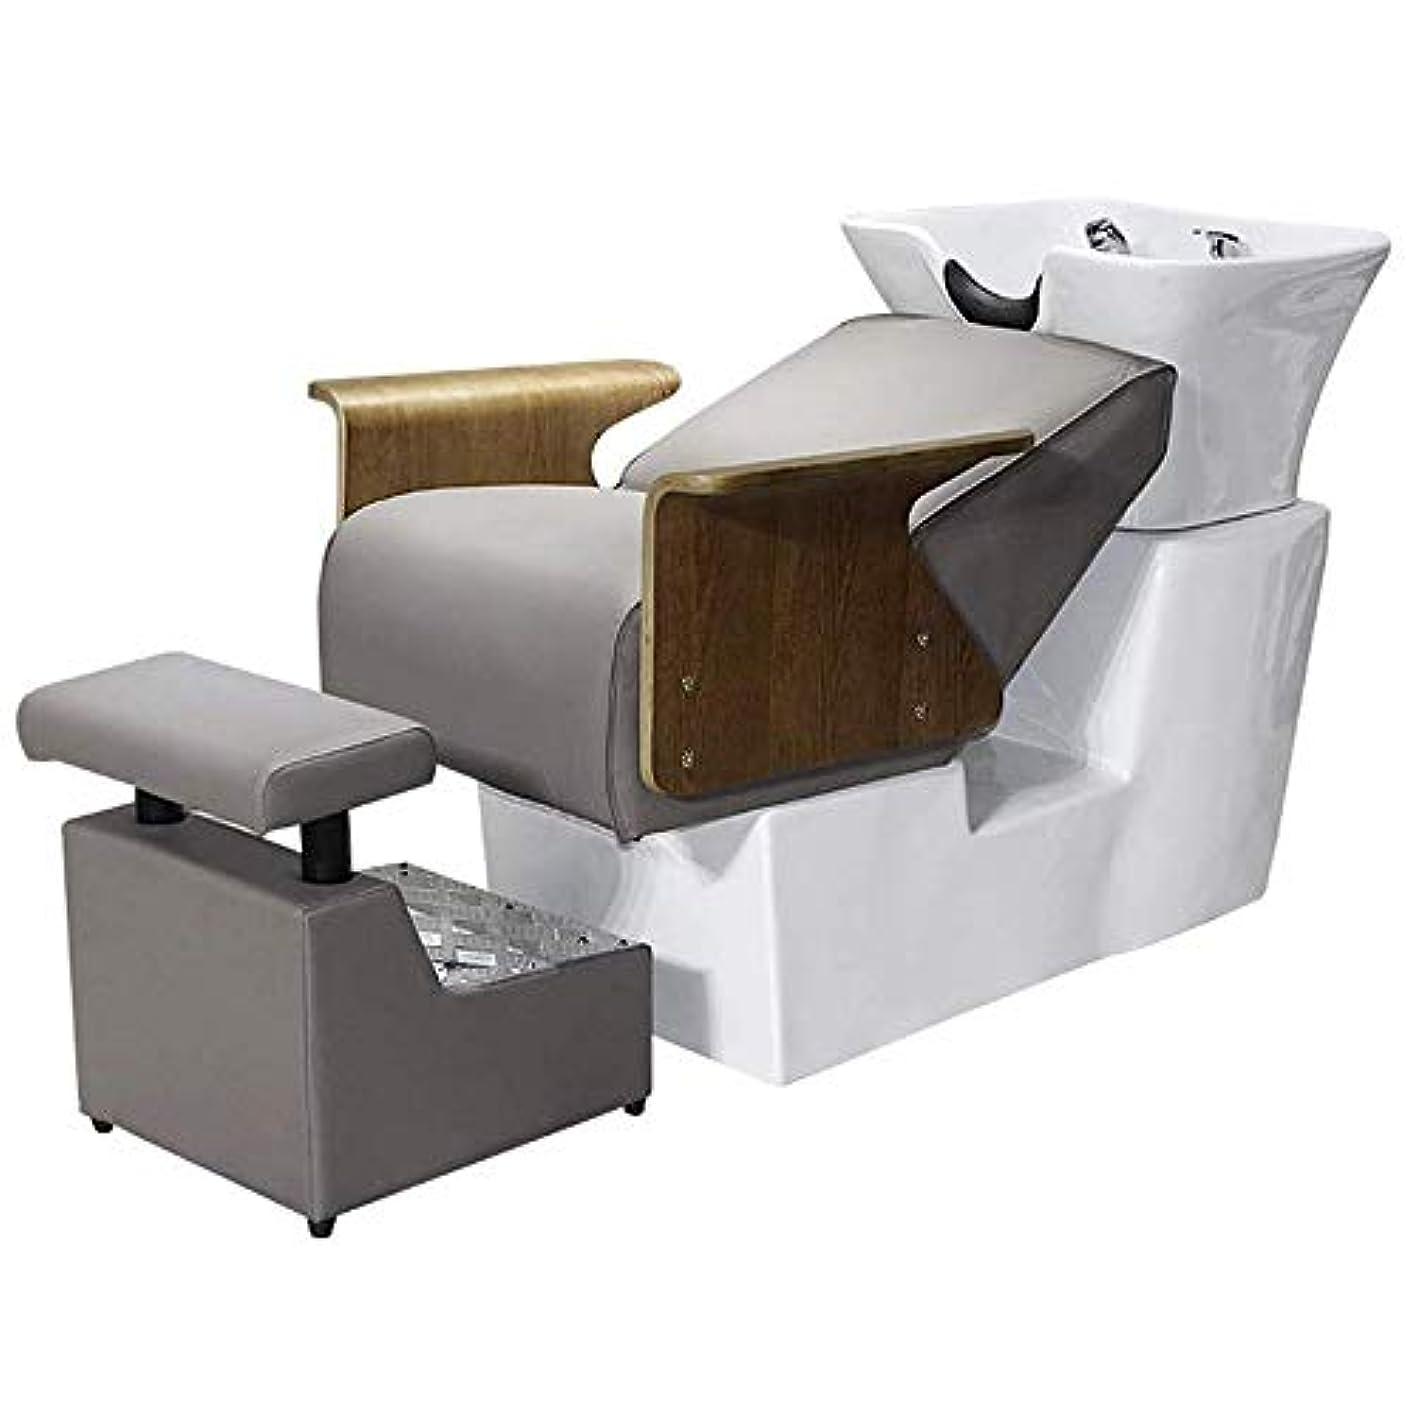 配置そう禁輸サロン用シャンプー椅子とボウル、 セラミック洗面器シャンプーベッド逆洗ユニットシャンプーボウル理髪シンク椅子用スパビューティーサロン機器